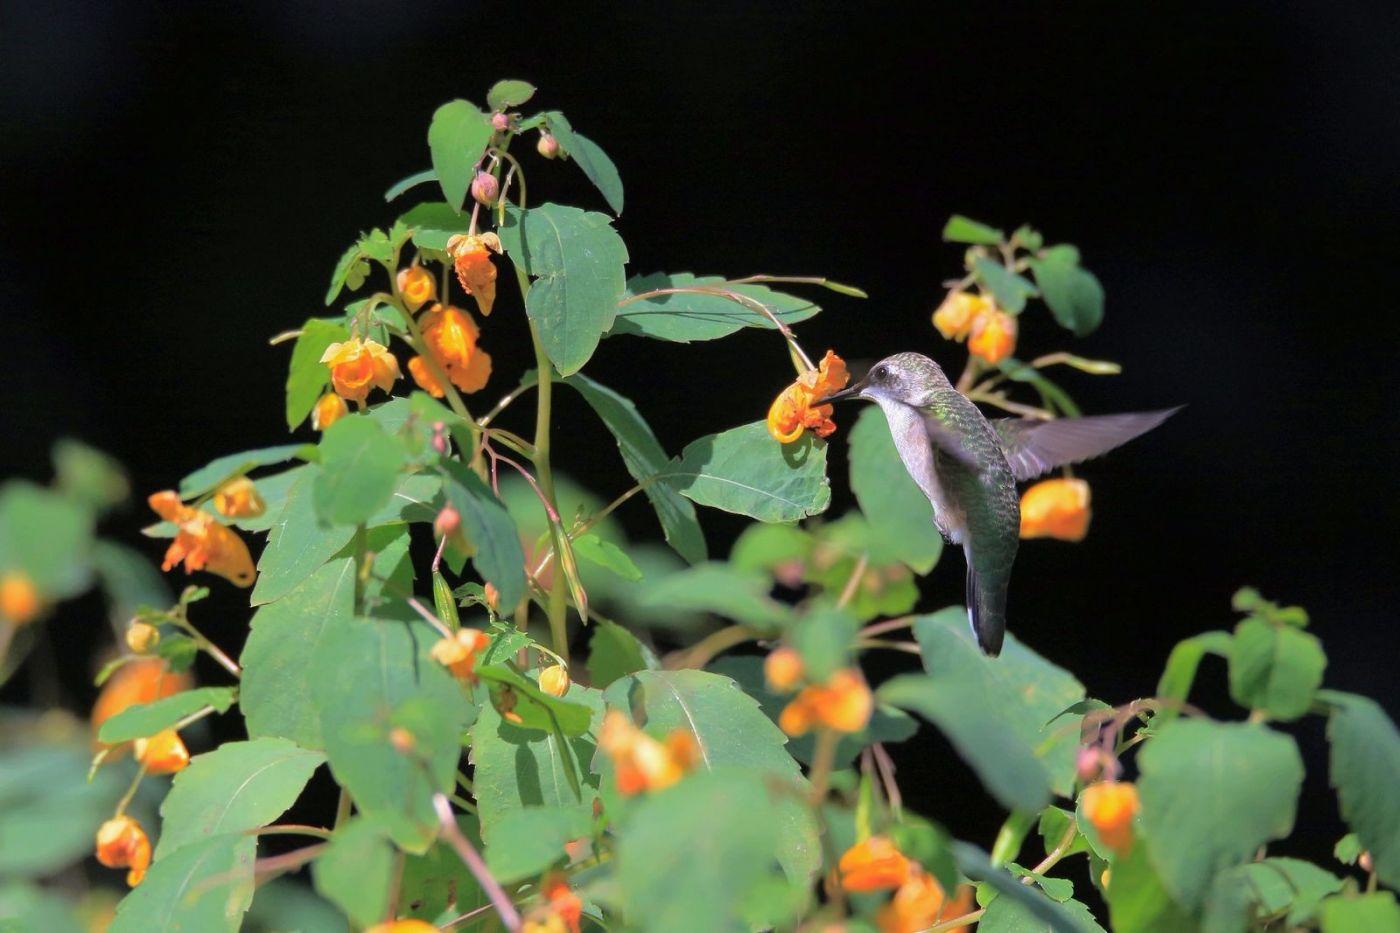 凯辛娜公园拍的蜂鸟_图1-18